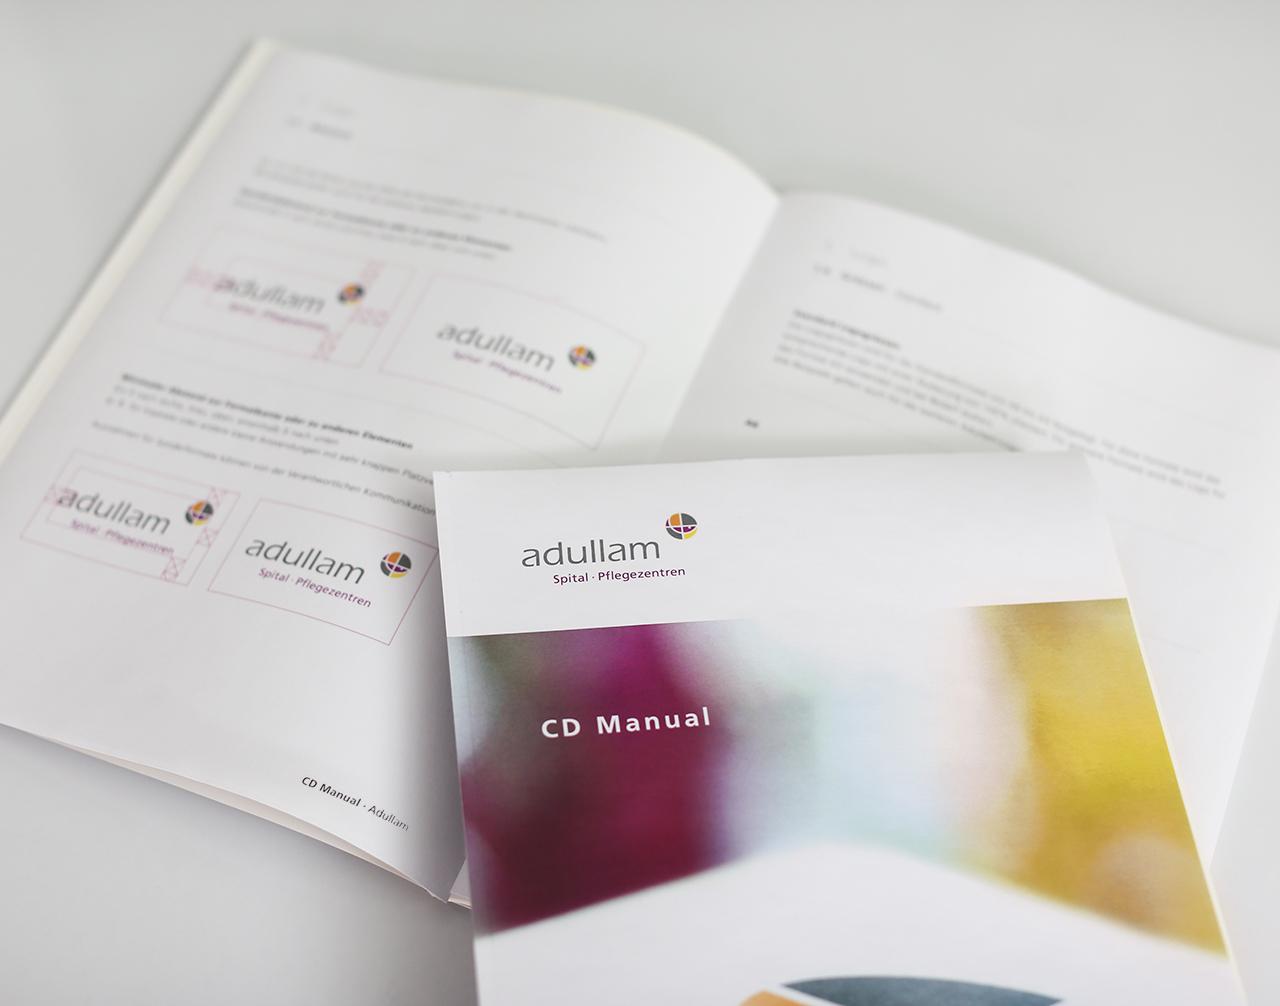 CD-Manual Adullam Spital und Pflegezentren - scanu communications